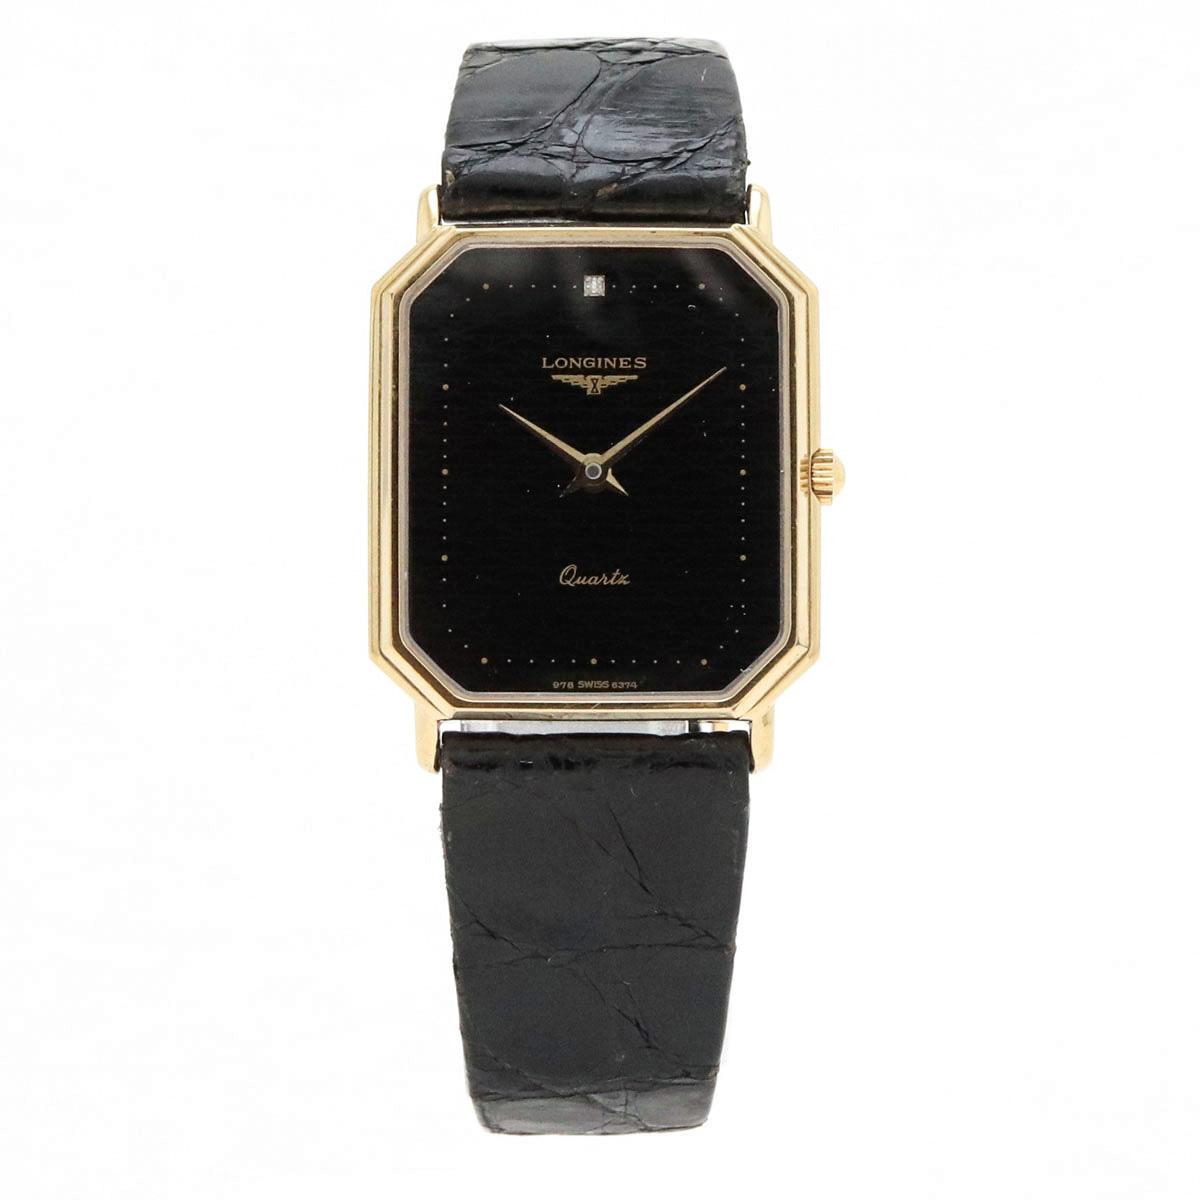 【ウォッチ】LONGINES ロンジン スクエア型 ブラック文字盤 GP 革ベルト メンズ QZ クォーツ 腕時計 【中古】